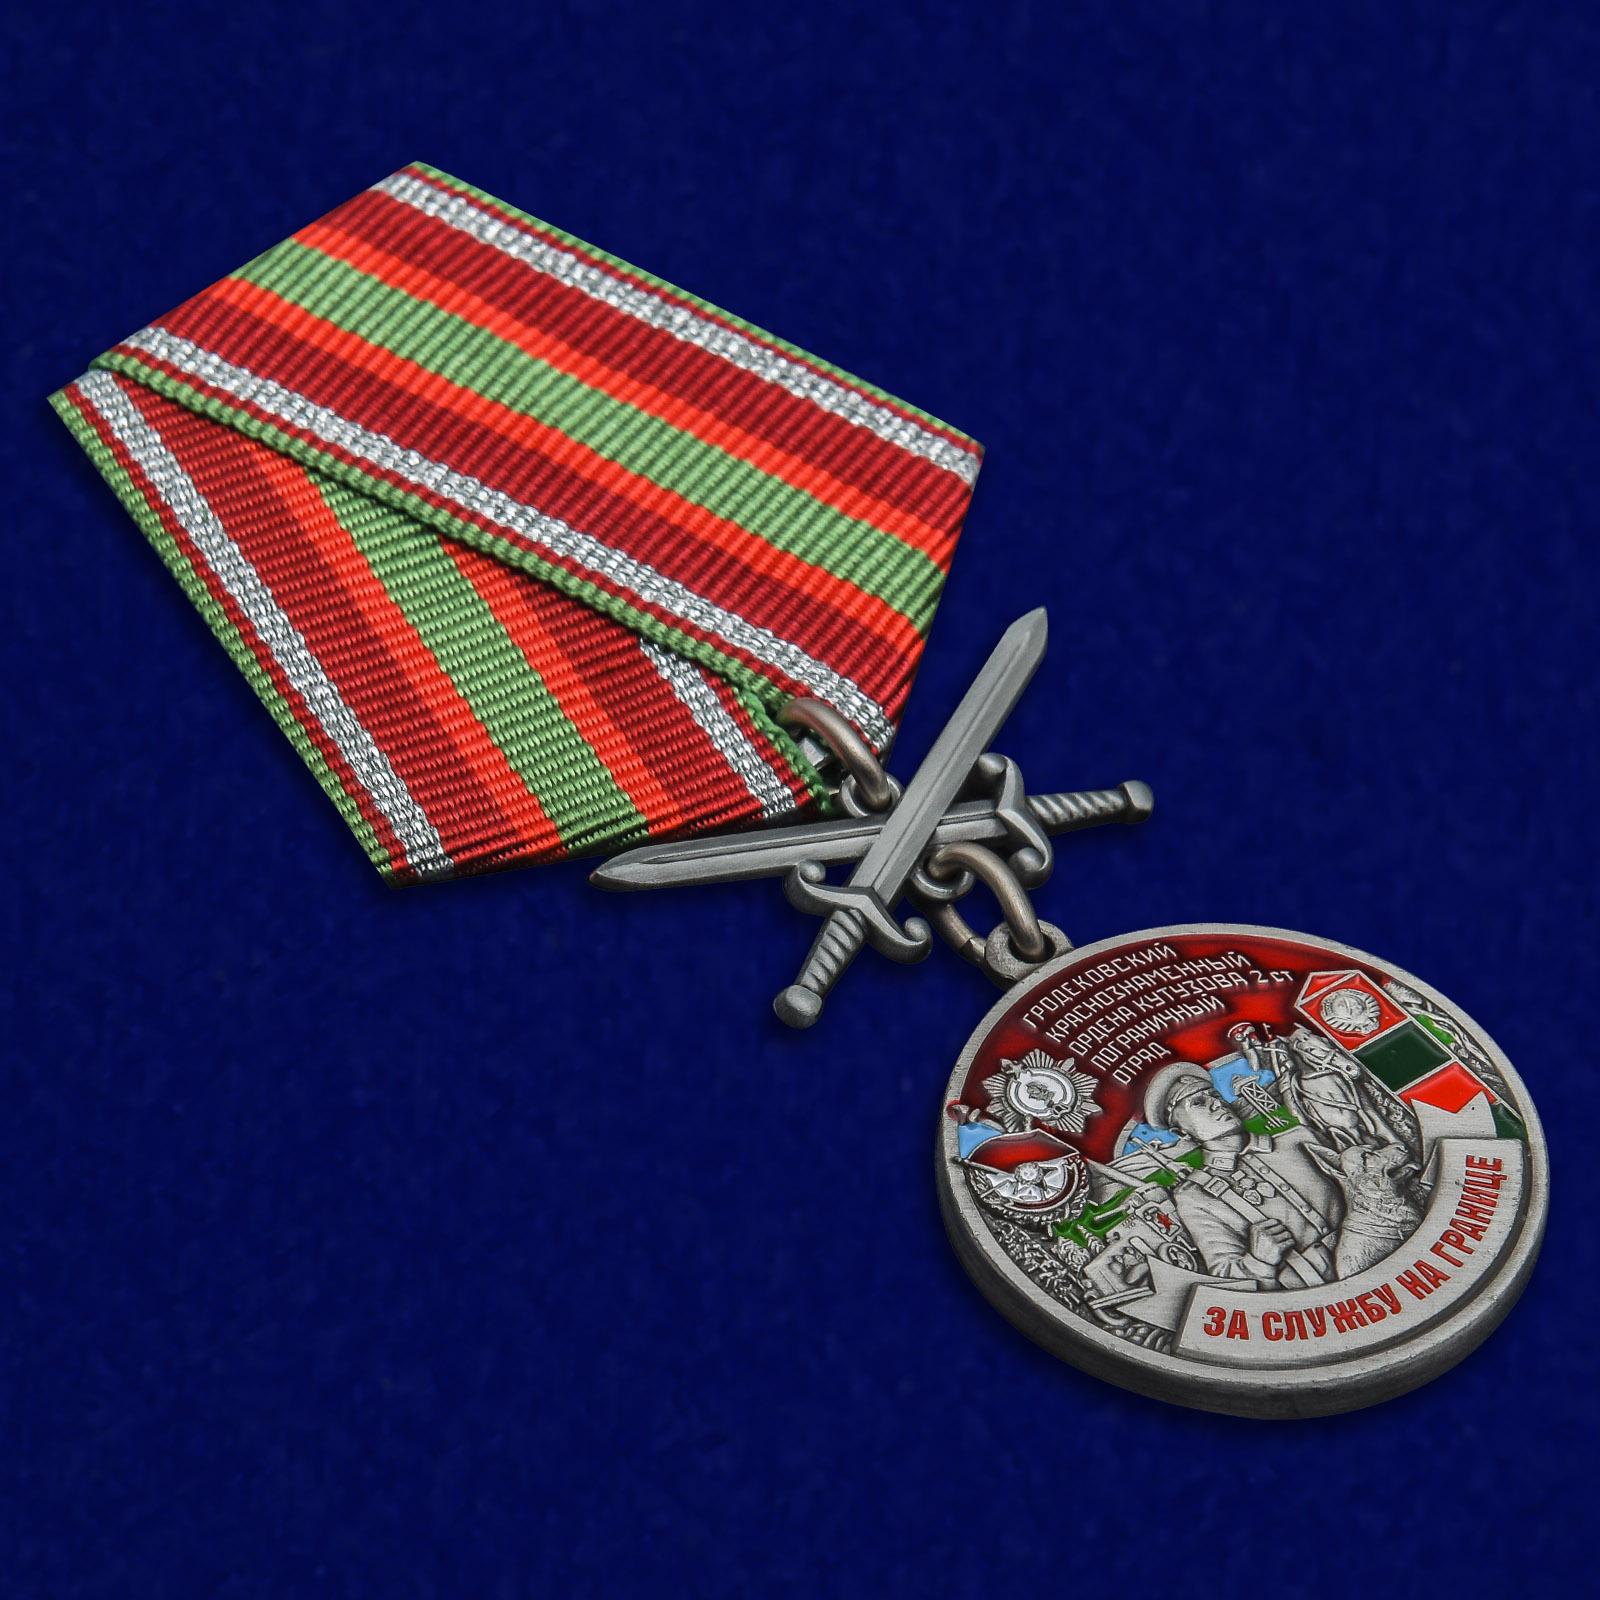 Латунная медаль За службу на границе (Гродековский ПогО) - общий вид